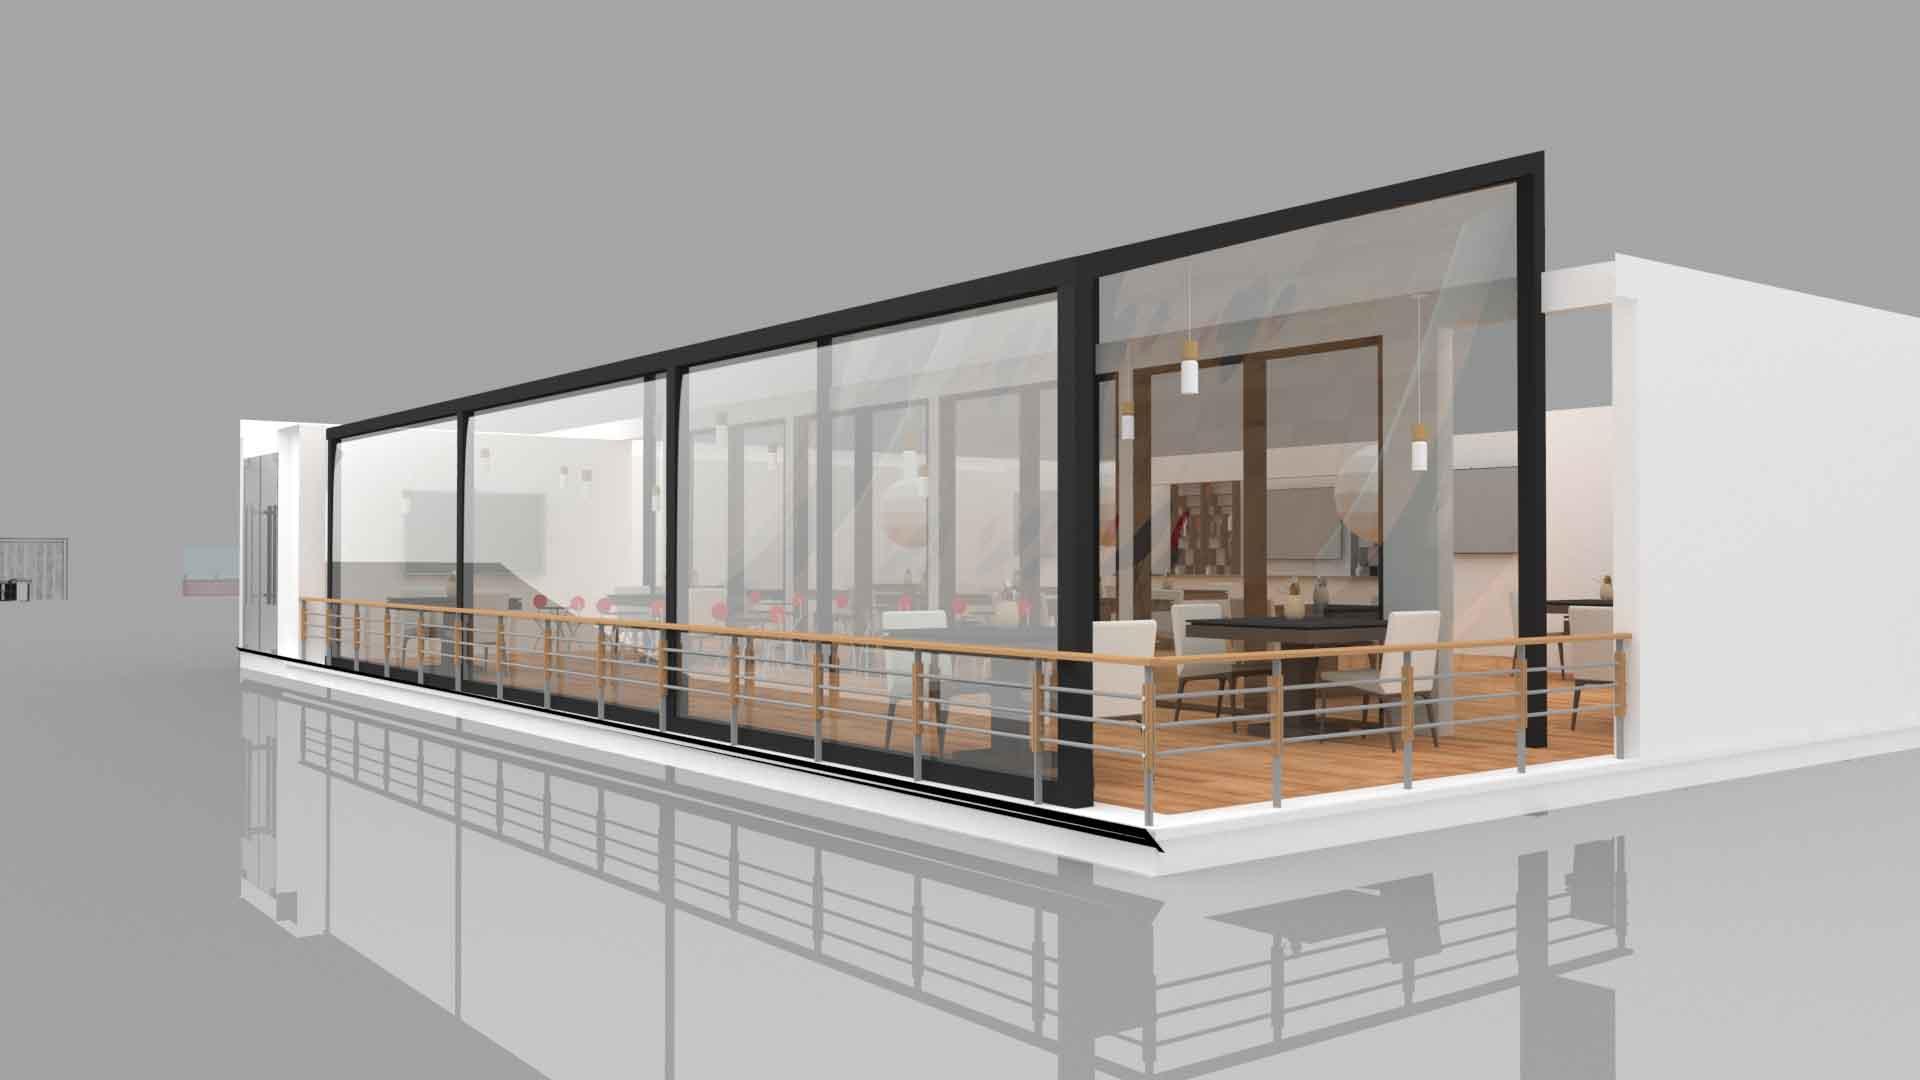 arriendo-venta-carpa-pvc-transparente-cierre-terrazas-restaurantes